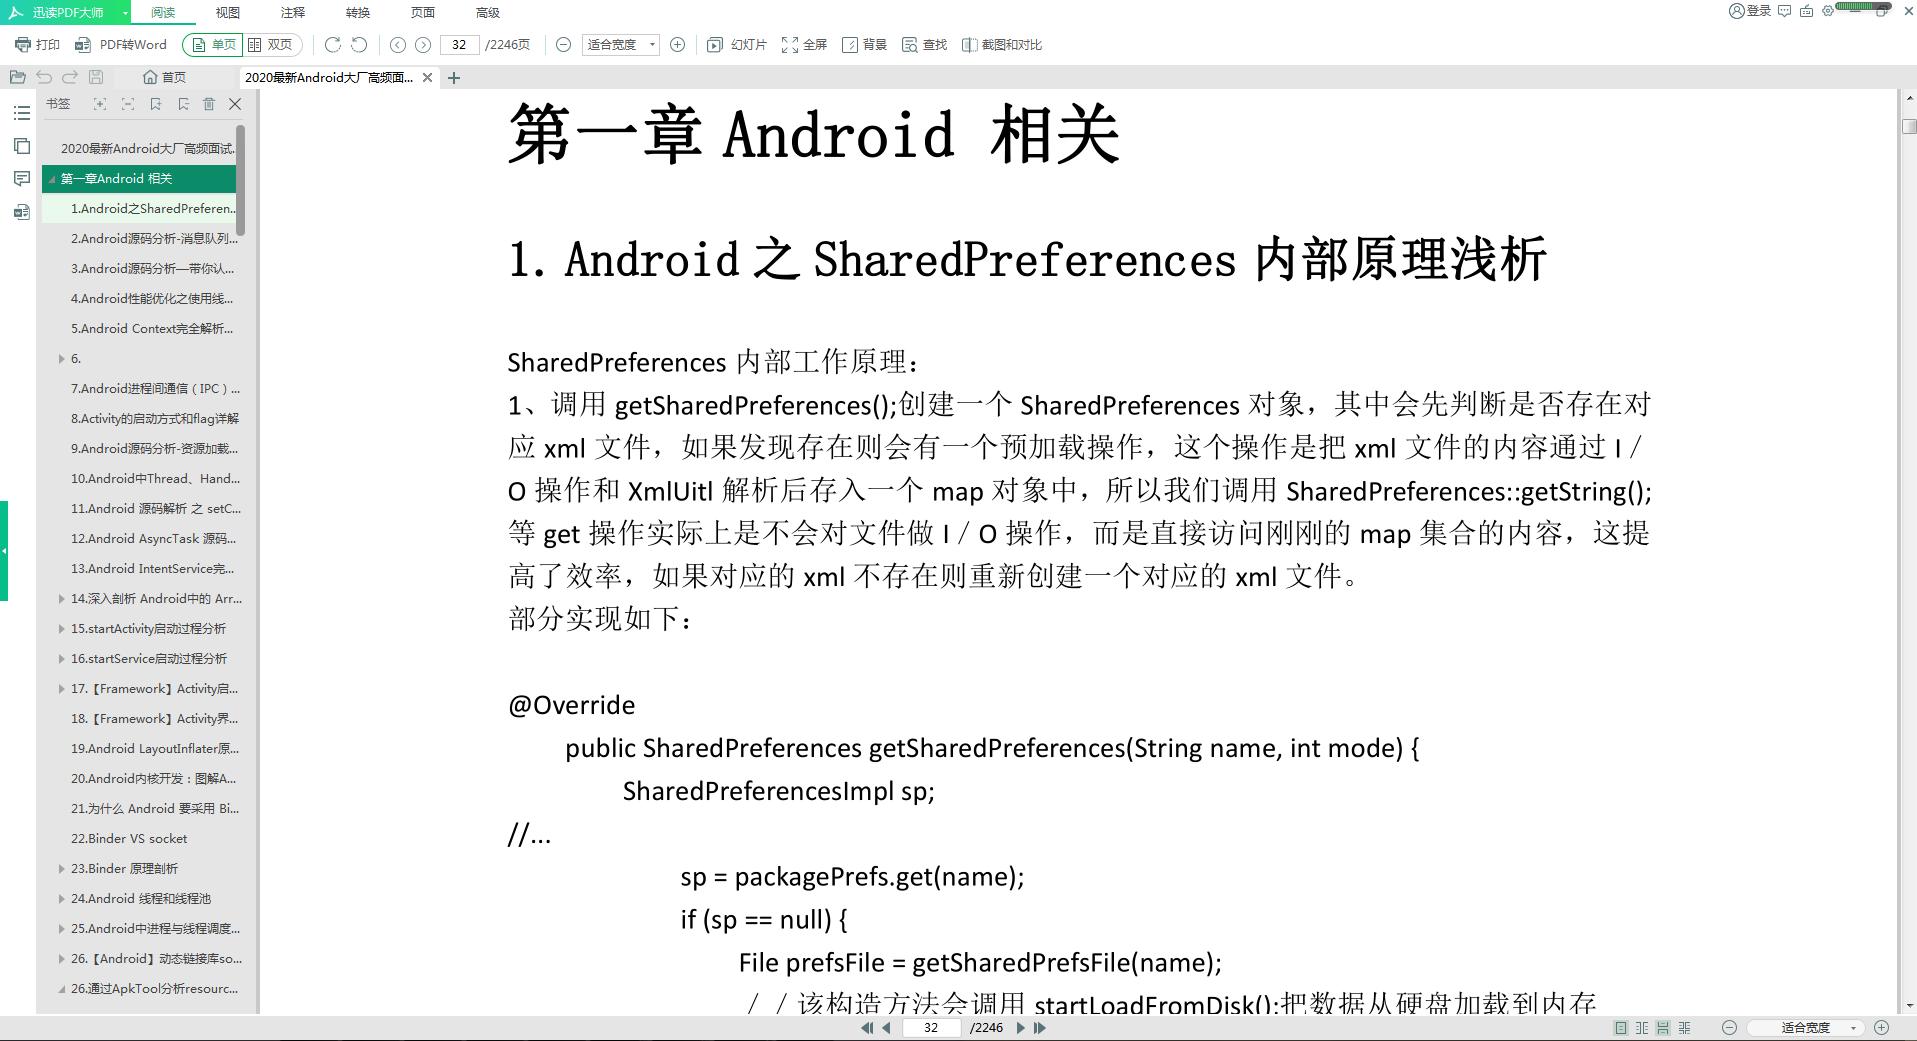 第一章 Android 相关